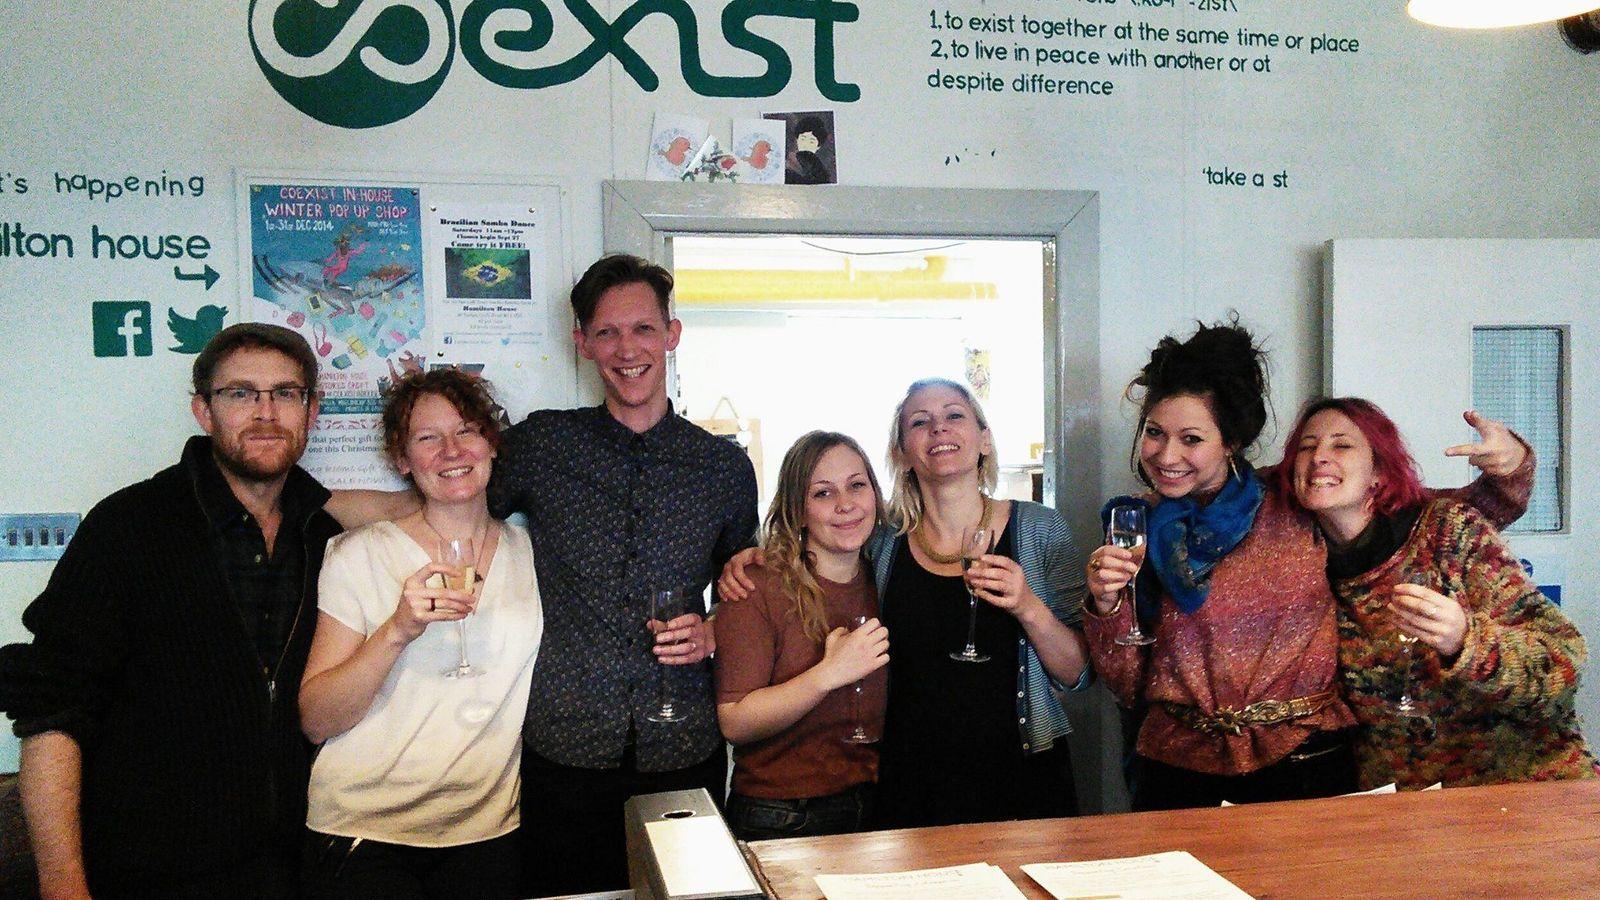 Foto: Algunos de los trabajadores de Coexist. (Coexist Facebook)